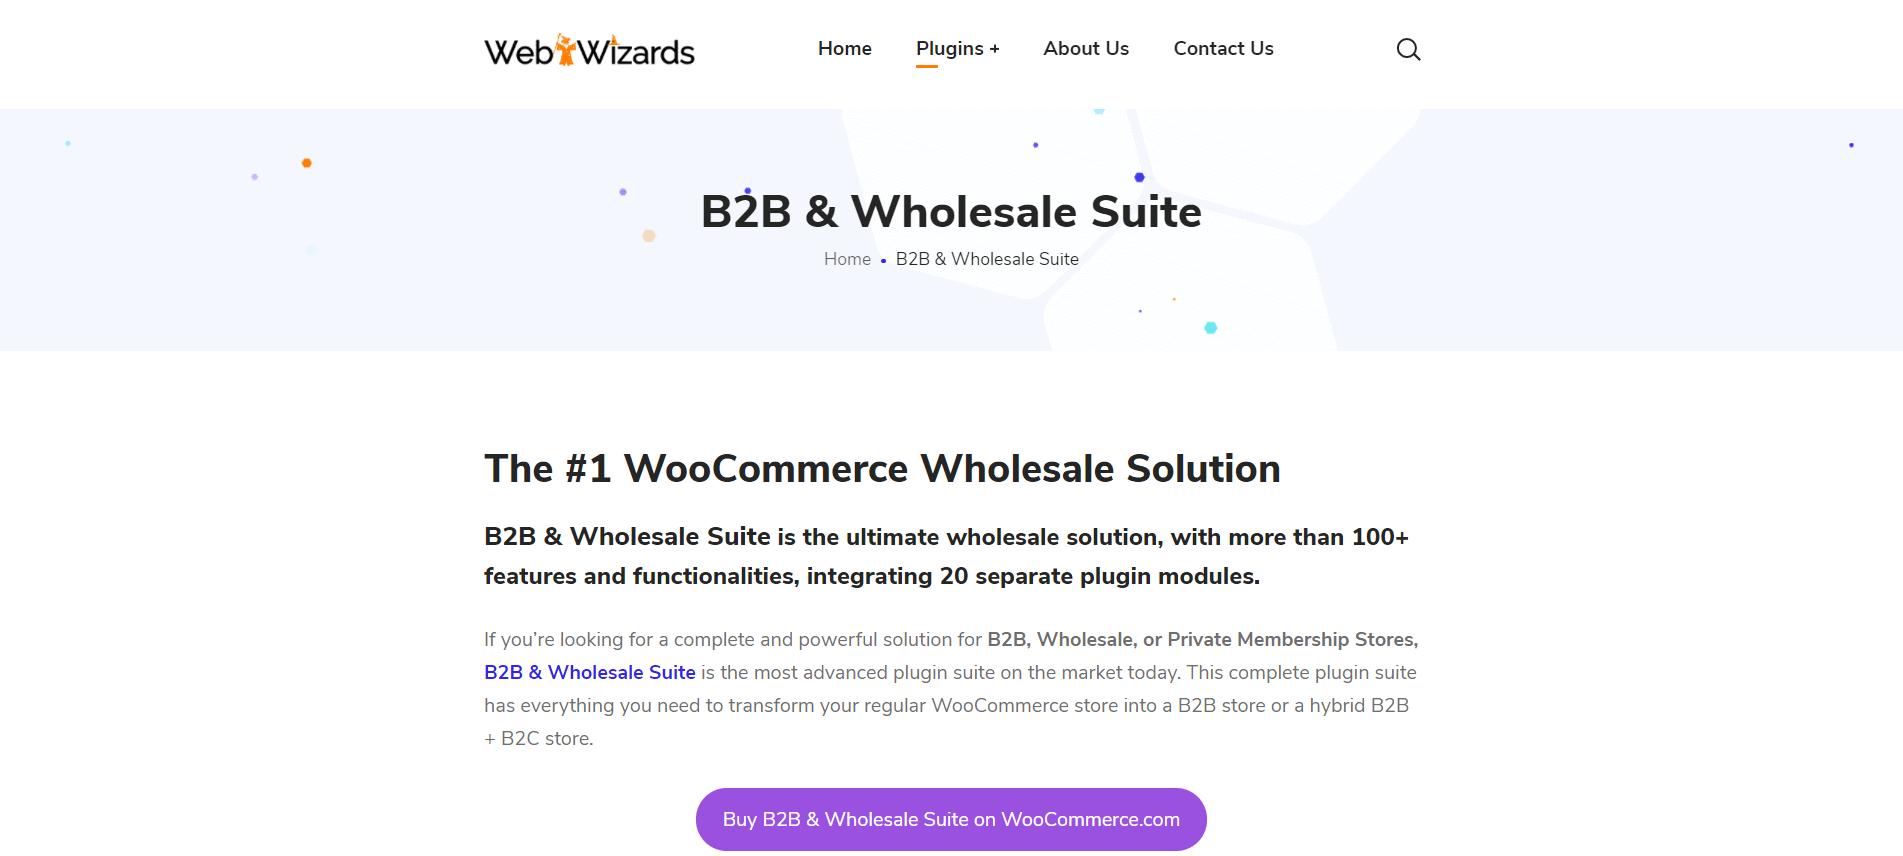 B2B & Wholesale Suite